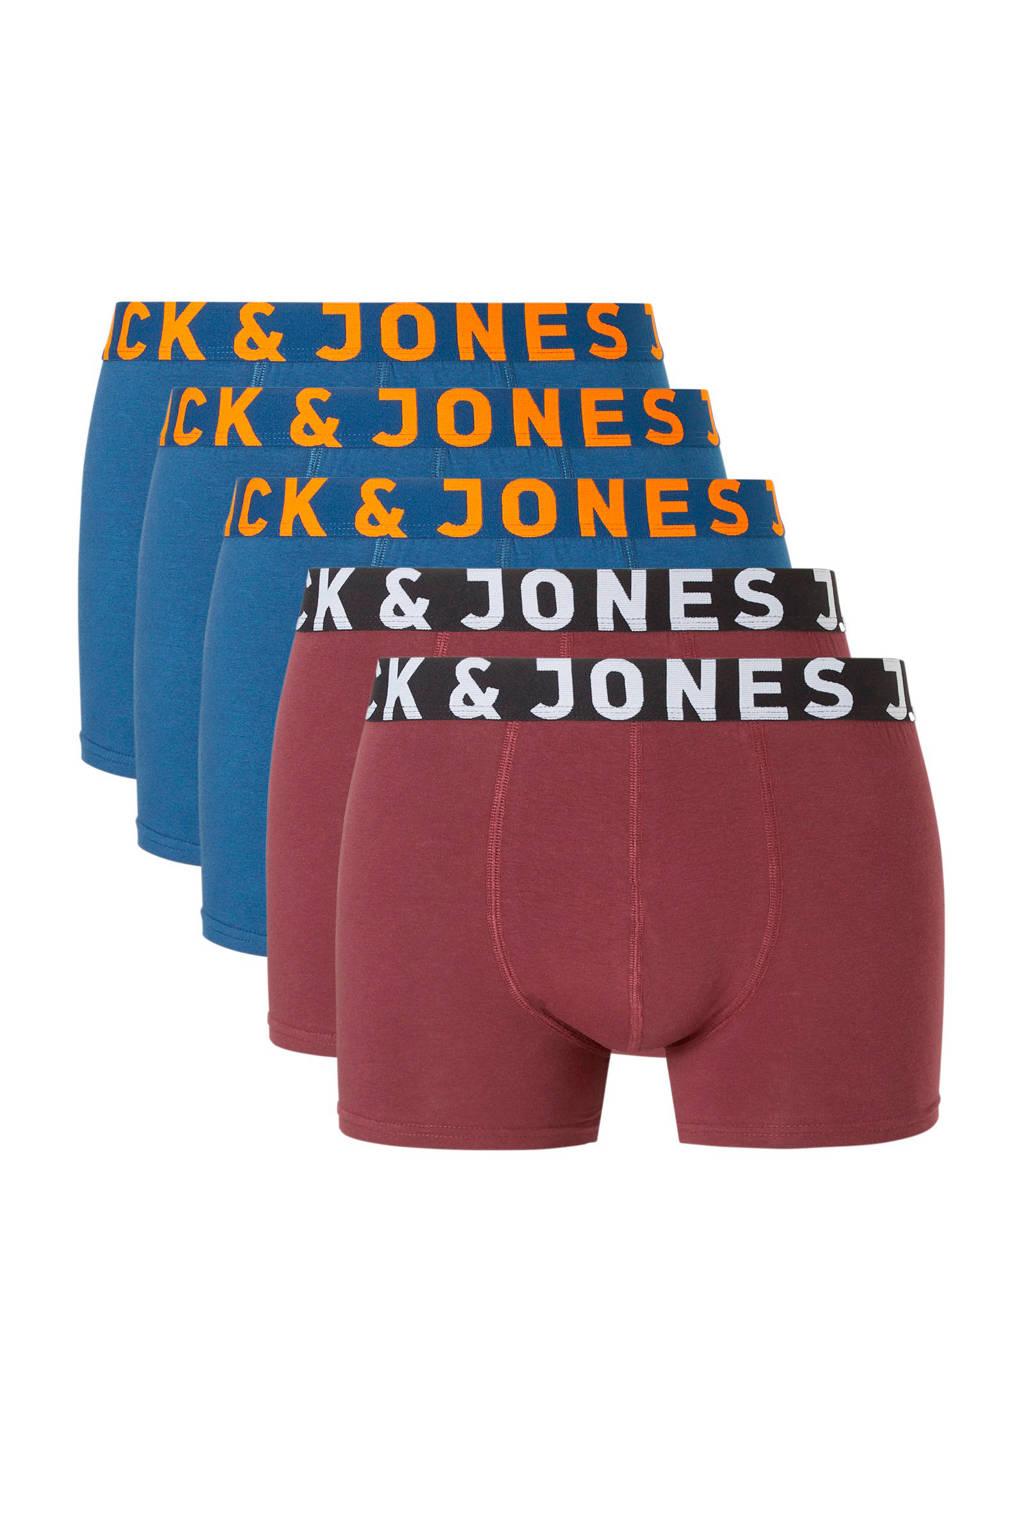 Jack & Jones boxershort (set van 5), Blauw/bordeaux